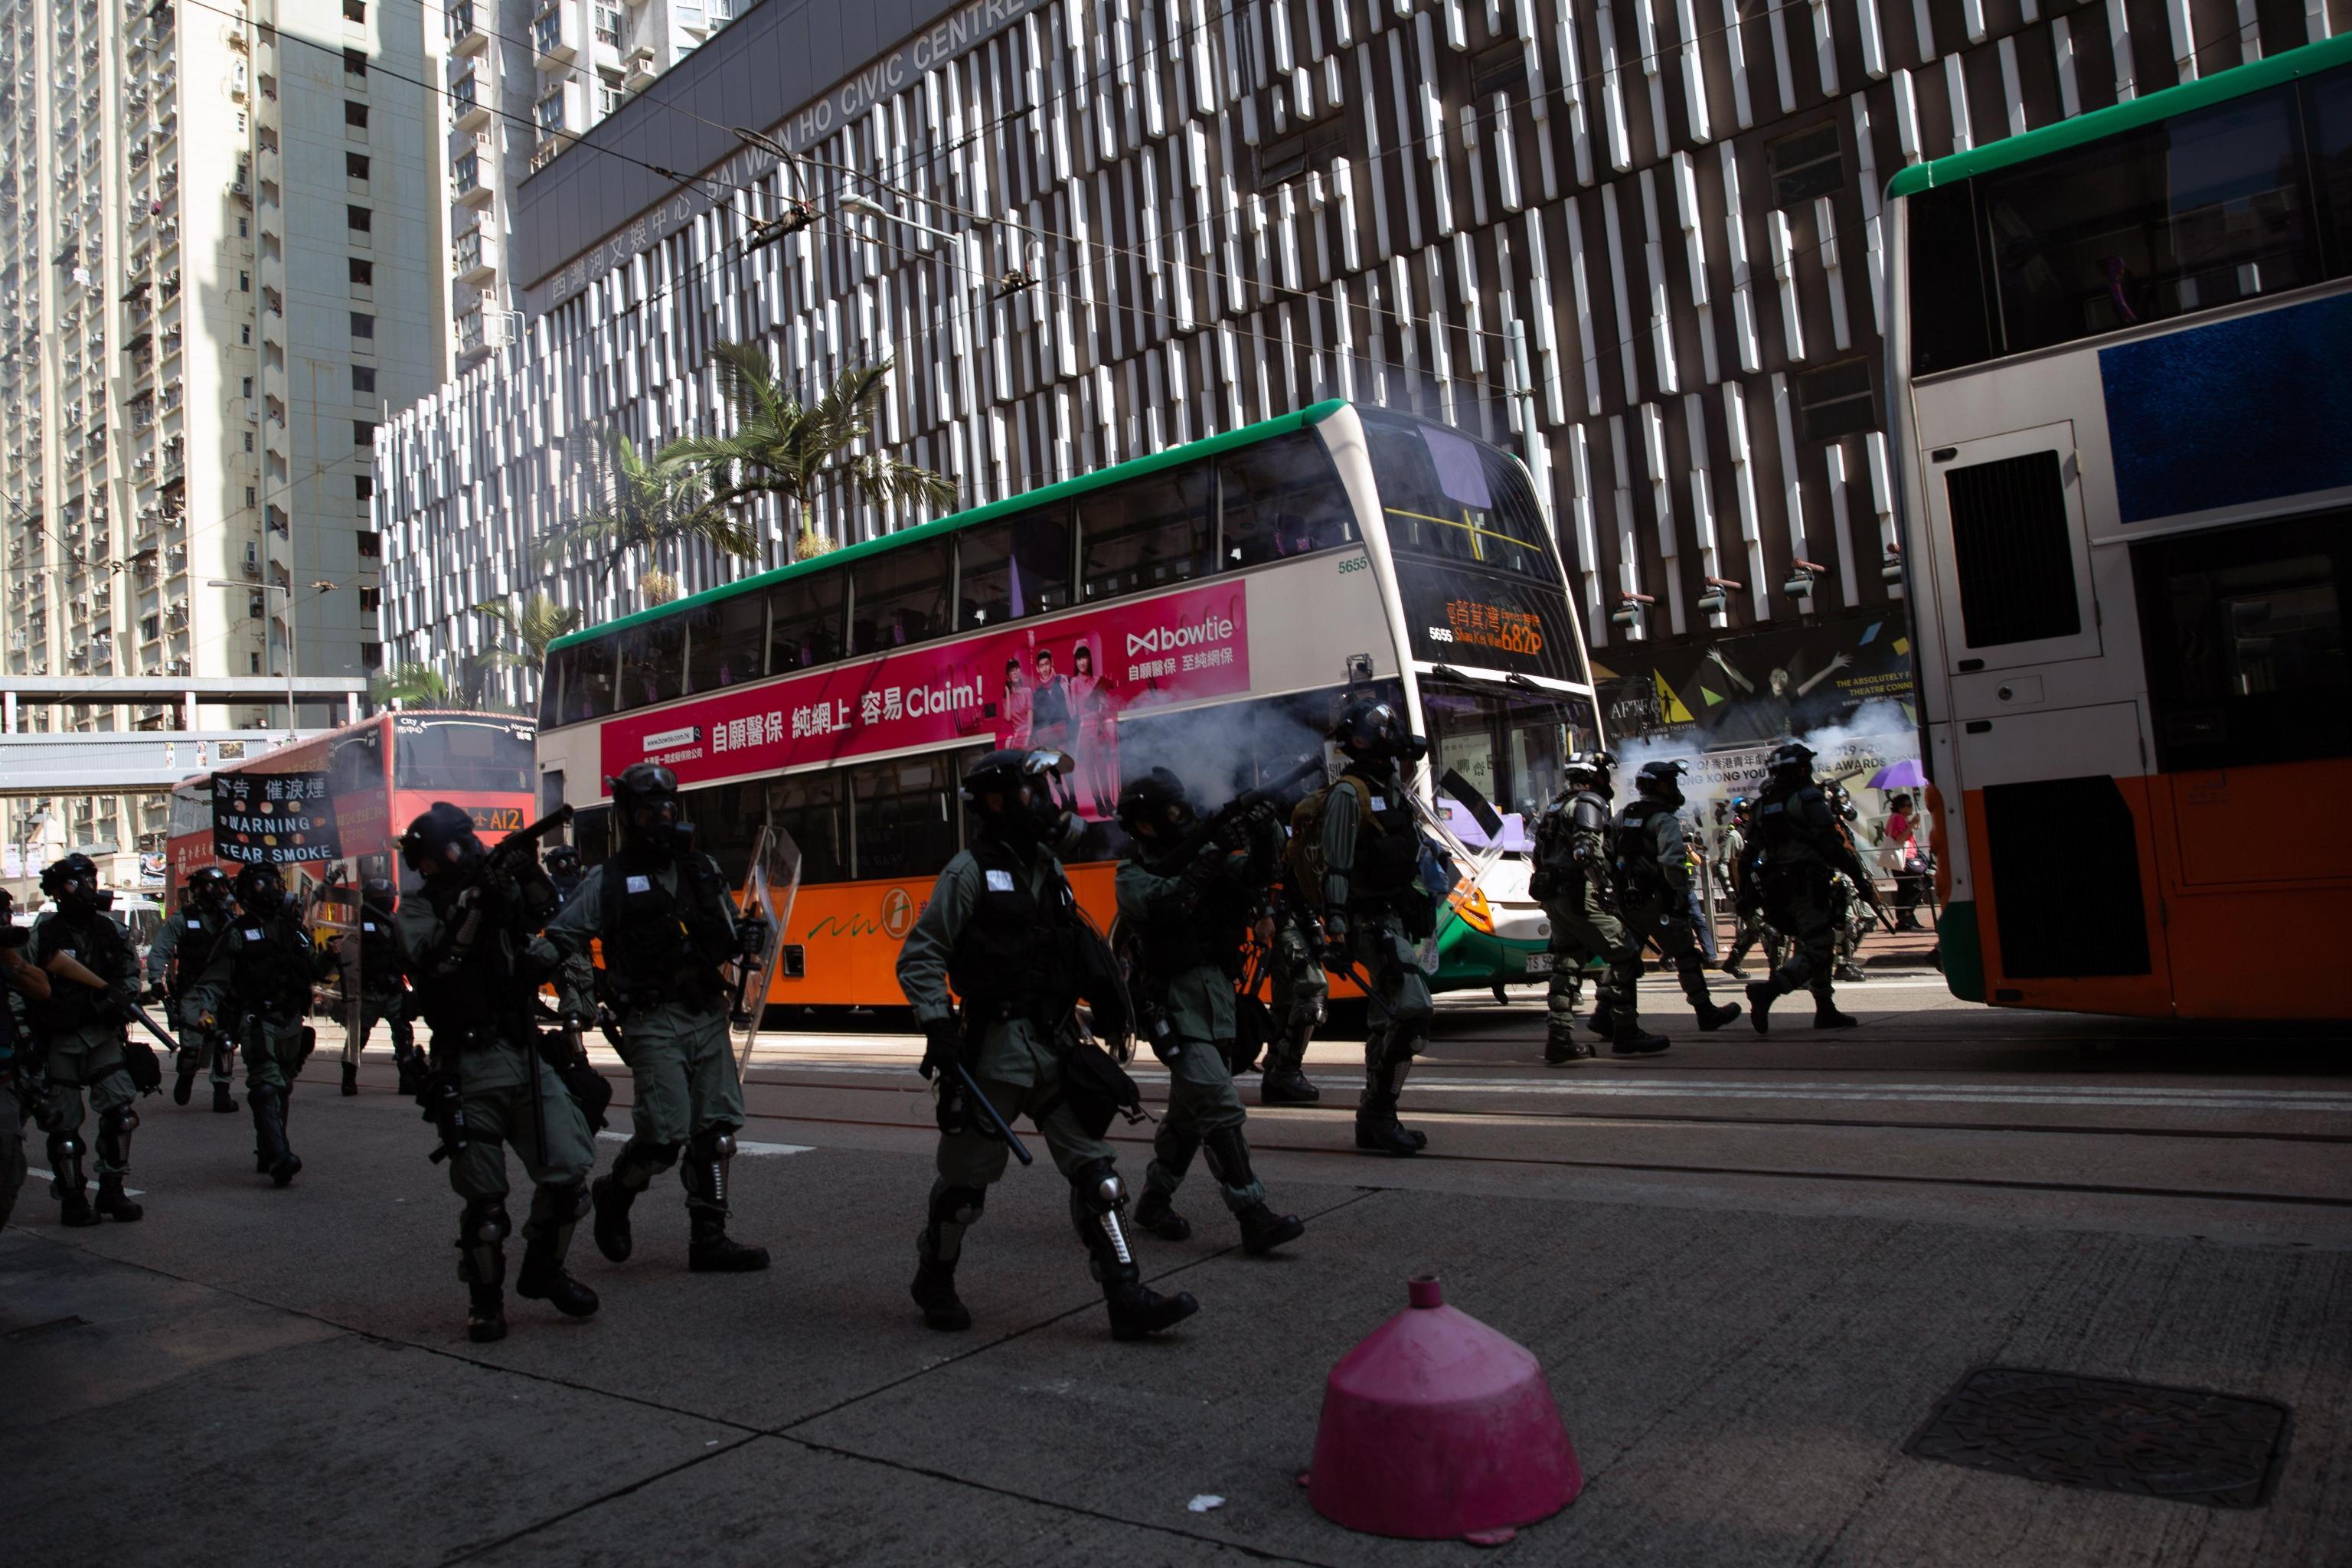 Le misure prese dal governo sono durissime. L'esercito schierato in assetto antisommossa si oppone ai manifestanti